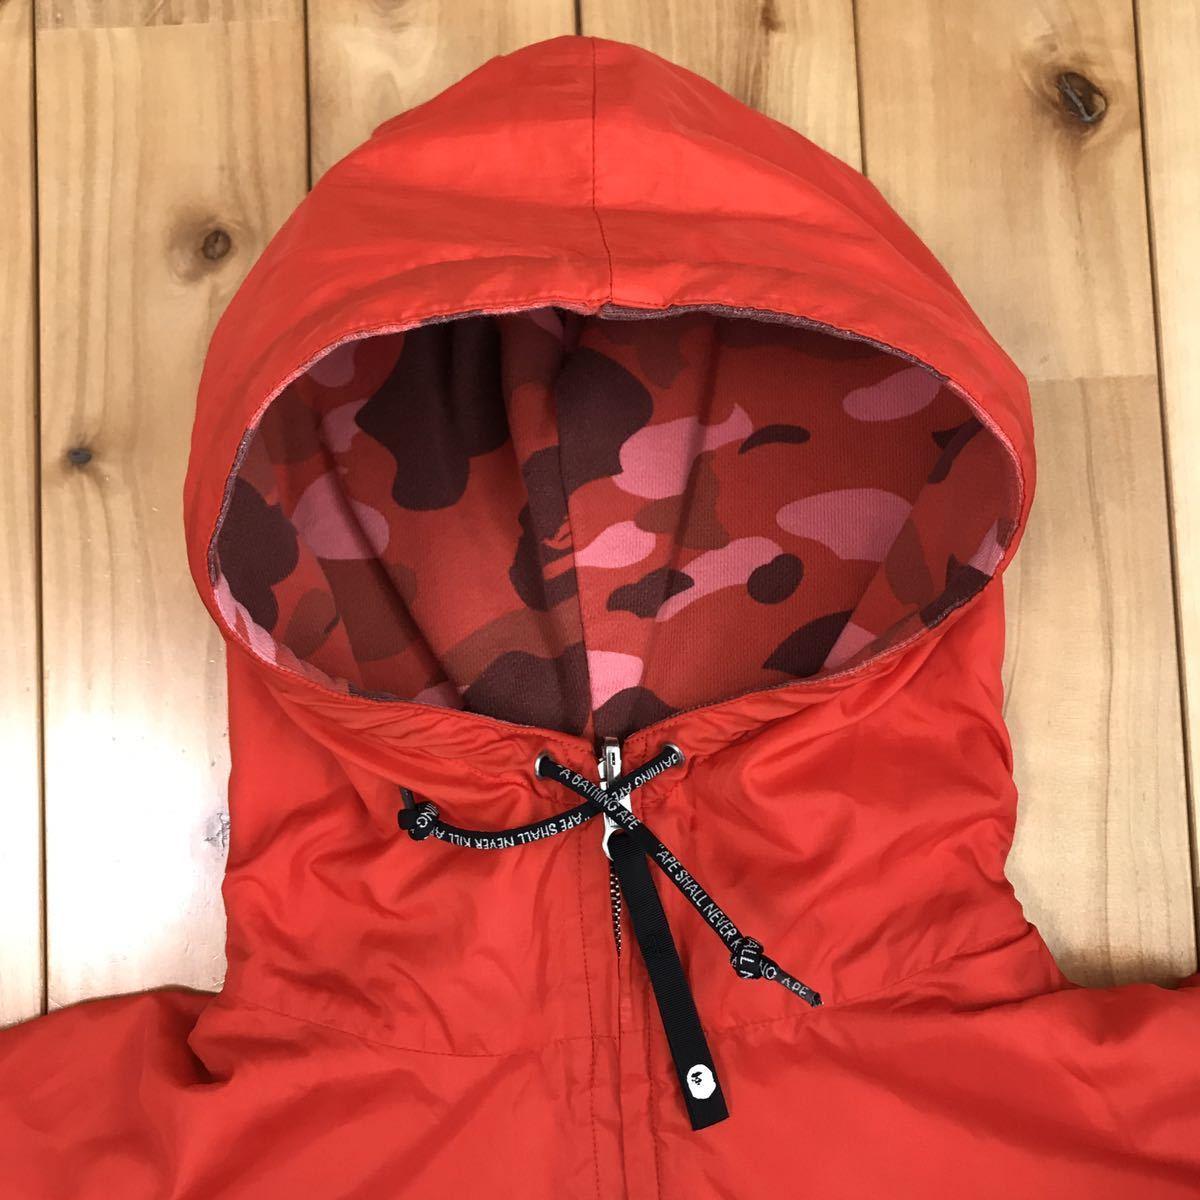 ★リバーシブル★ pharrell camo パーカー ジャケット Mサイズ a bathing ape BAPE reversible hoodie jacket エイプ ベイプ ブルゾン red